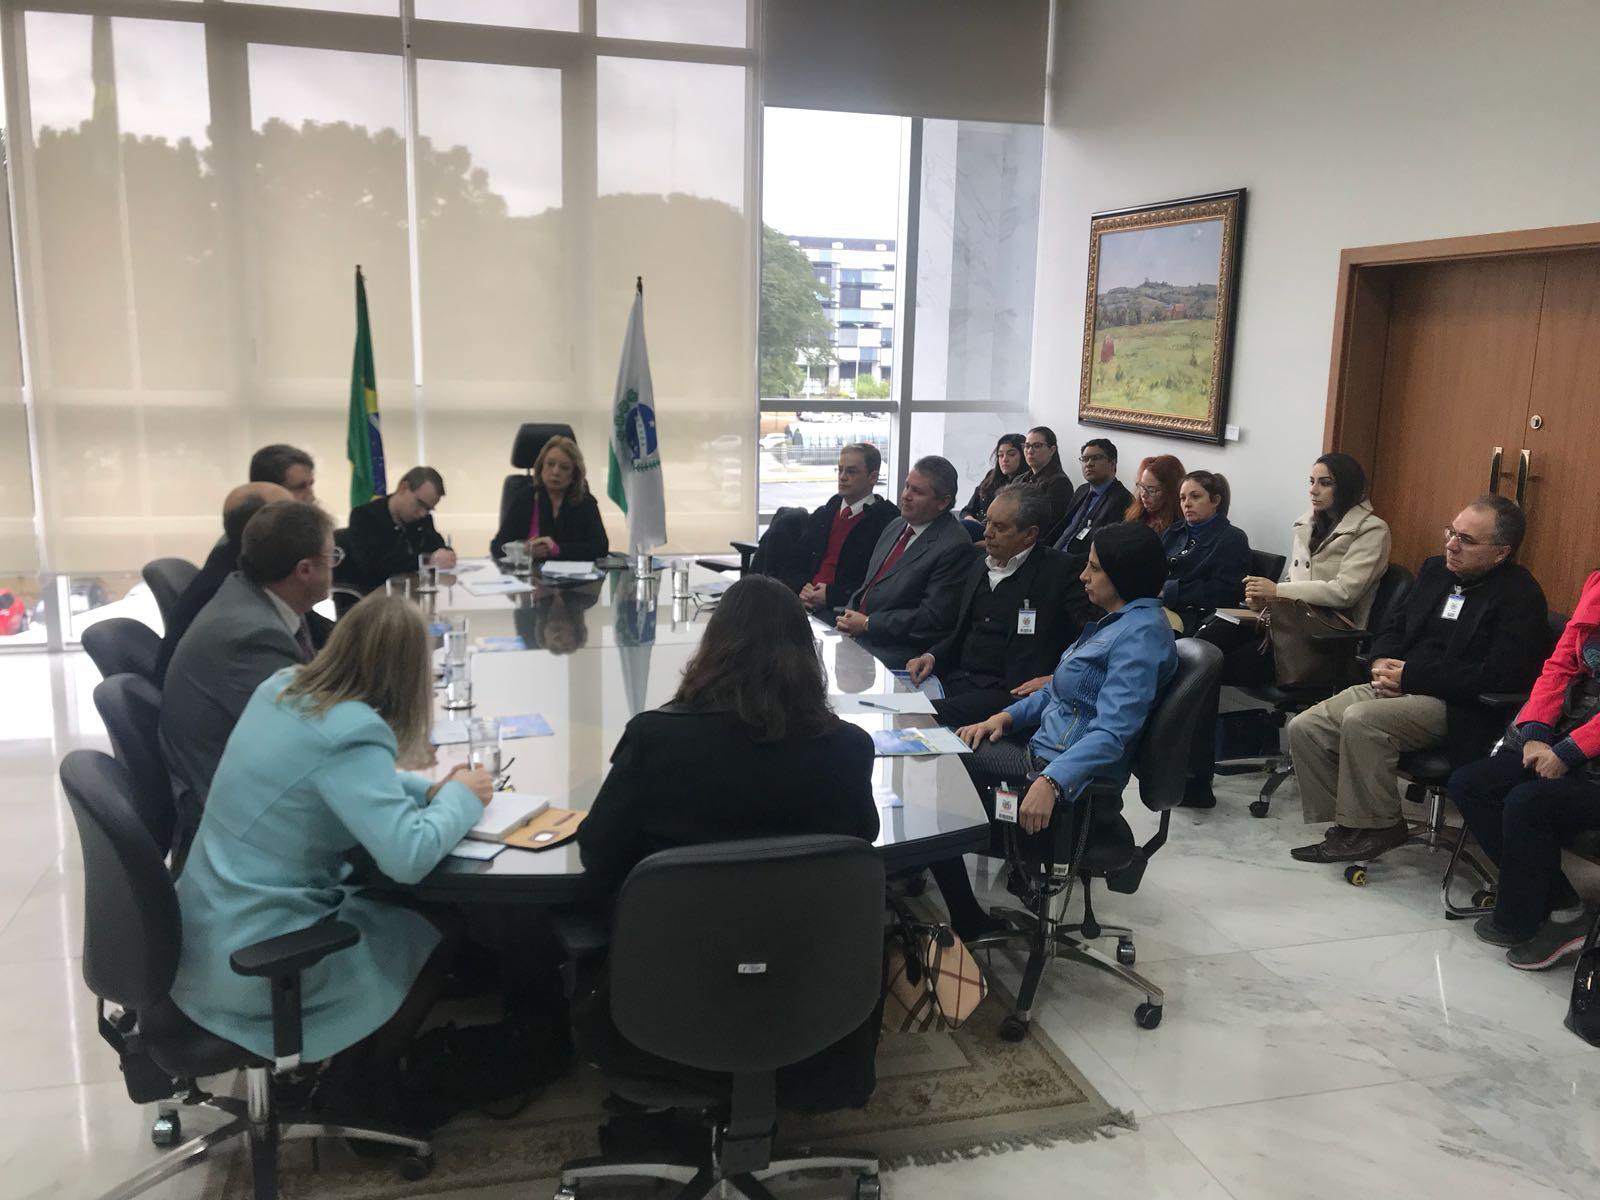 Magistrados e especialistas em saúde se reúnem no TJPR para tratar da judicialização na área